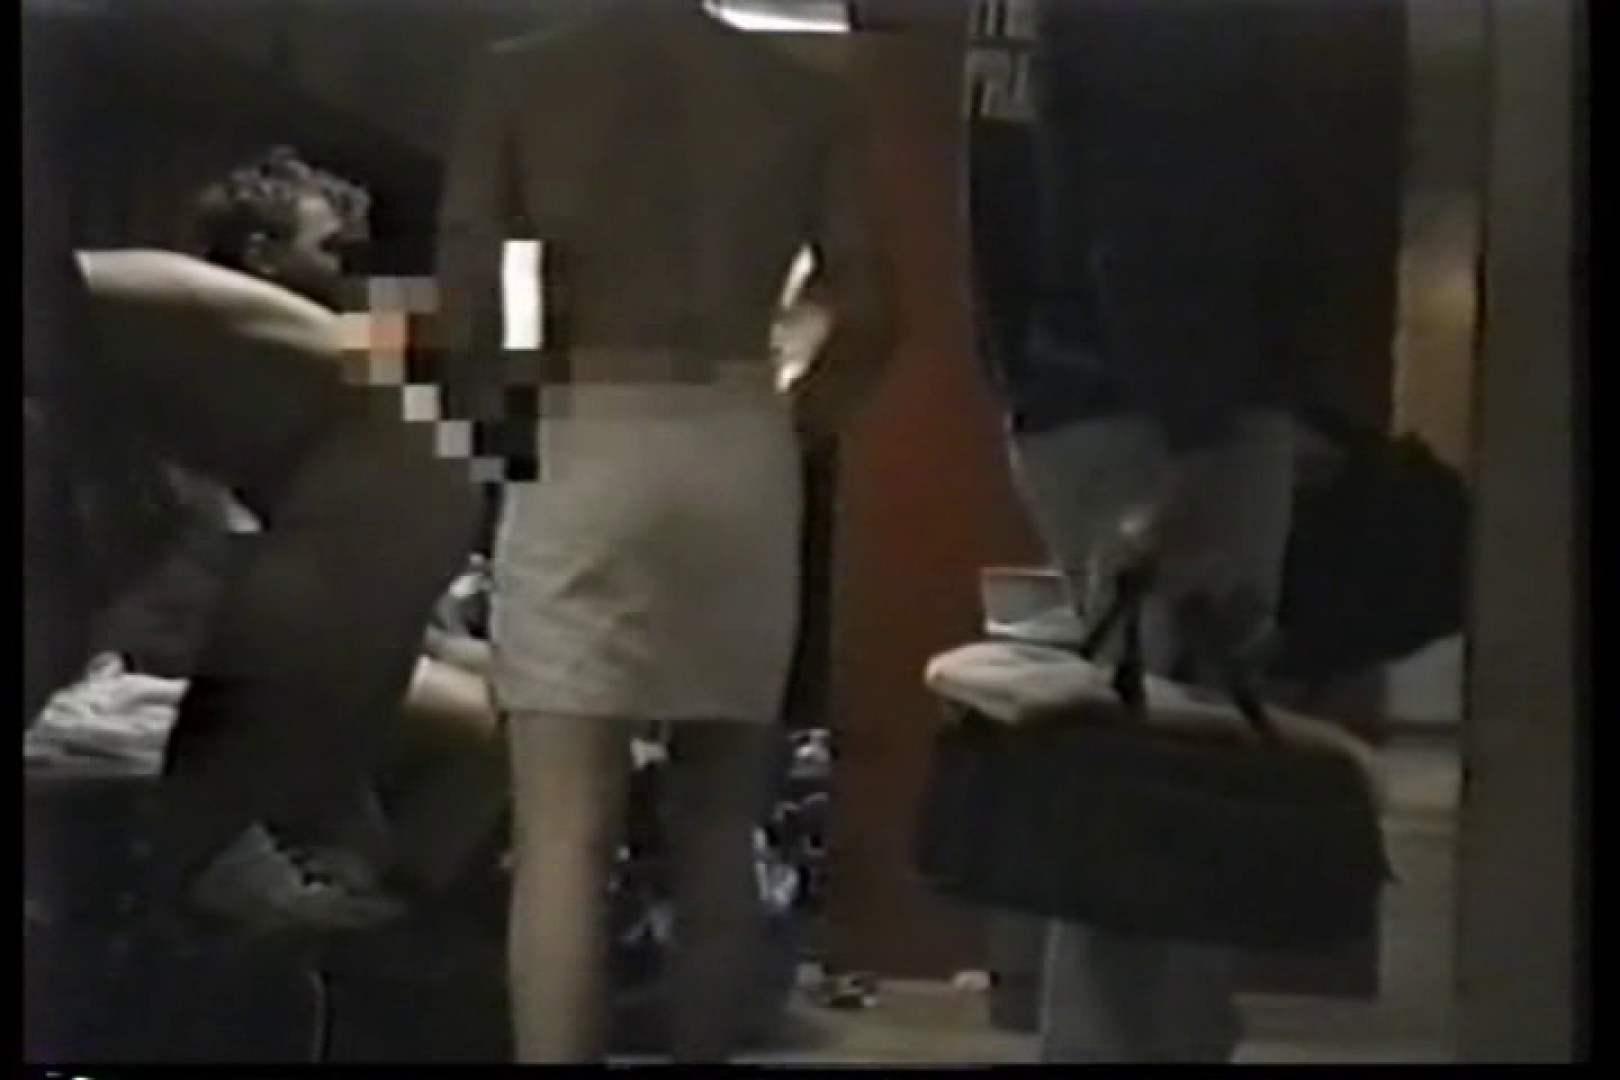 洋人さんの脱衣所を覗いてみました。VOL.3 のぞき  38pic 4